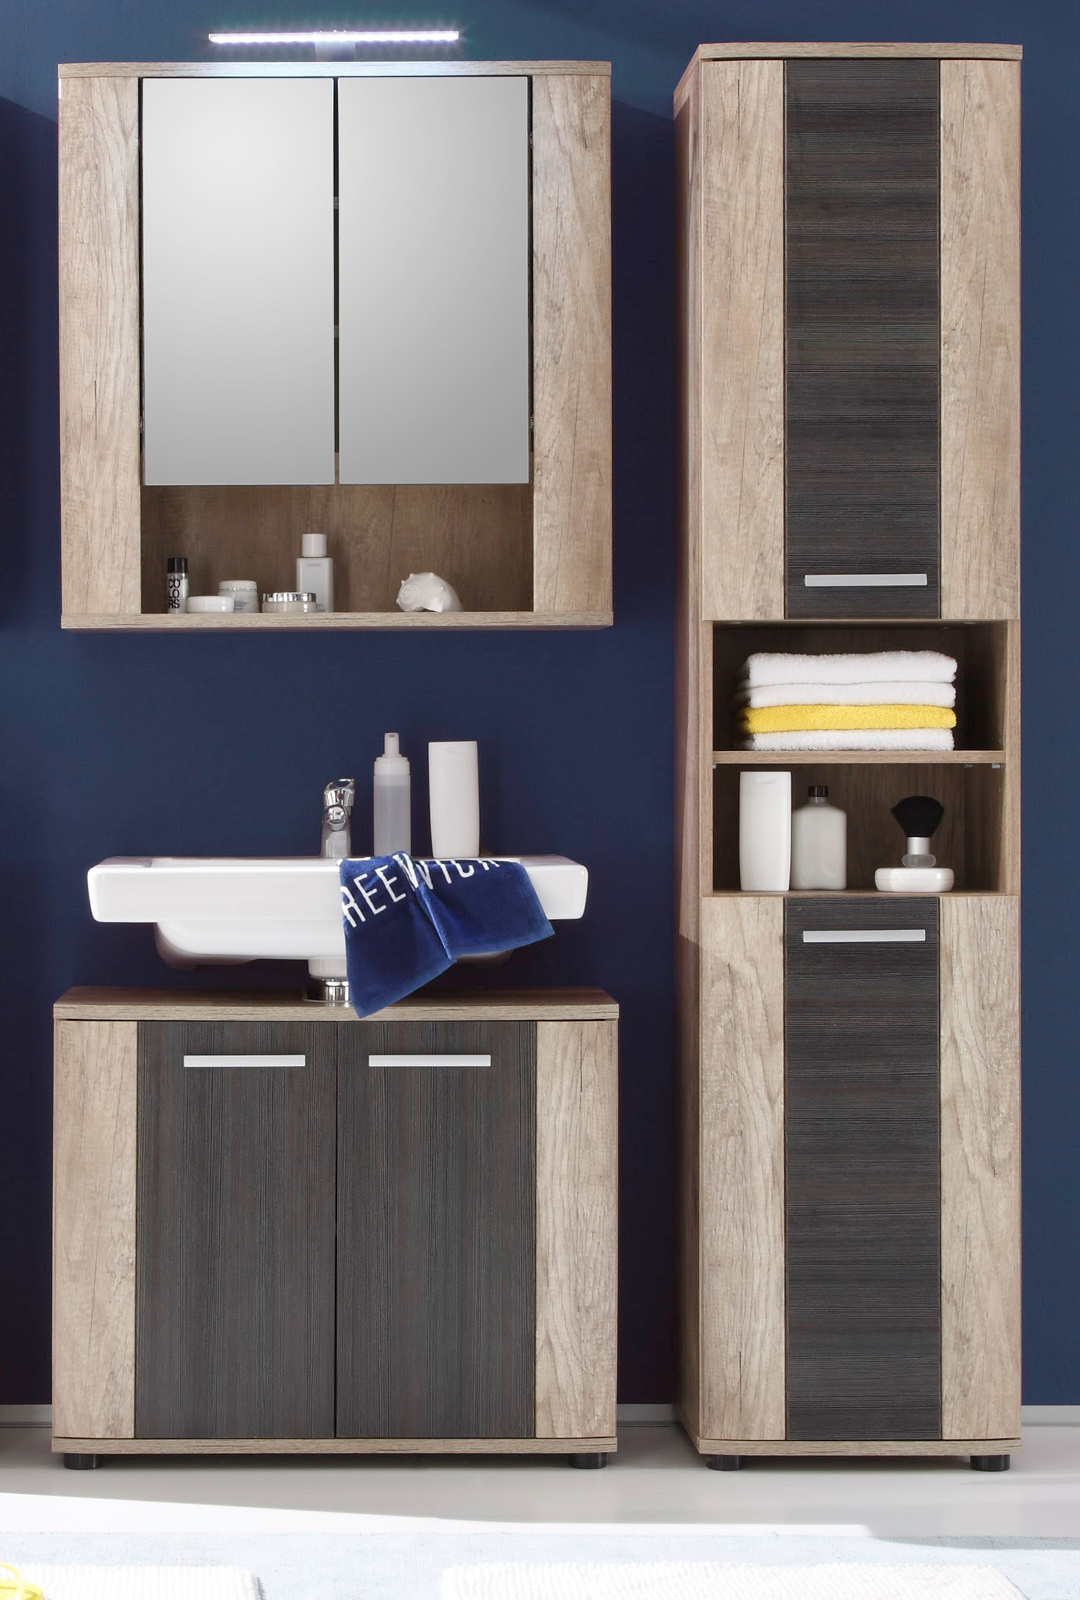 Spiegelschrank bad eiche  Badmöbel SUN Eiche hell / Touchwood dunkel kaufen